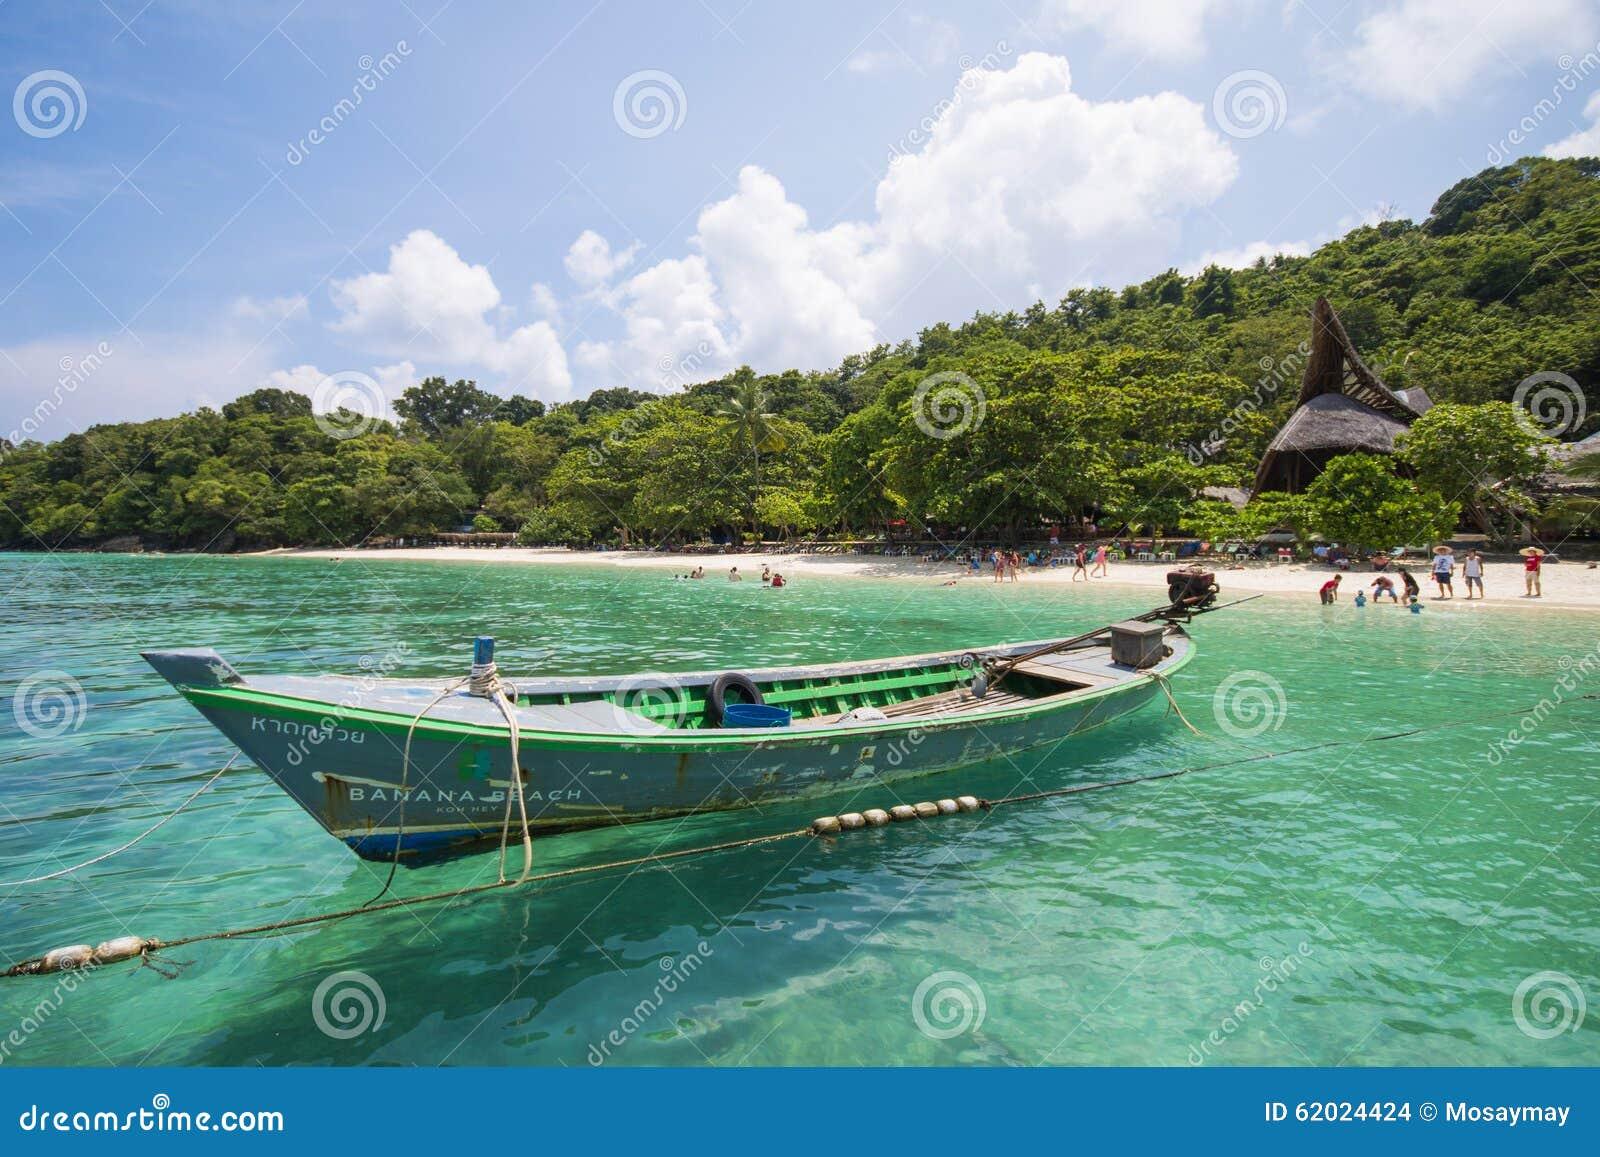 Μακριά βάρκα ουρών στη θάλασσα στο νησί κοραλλιών